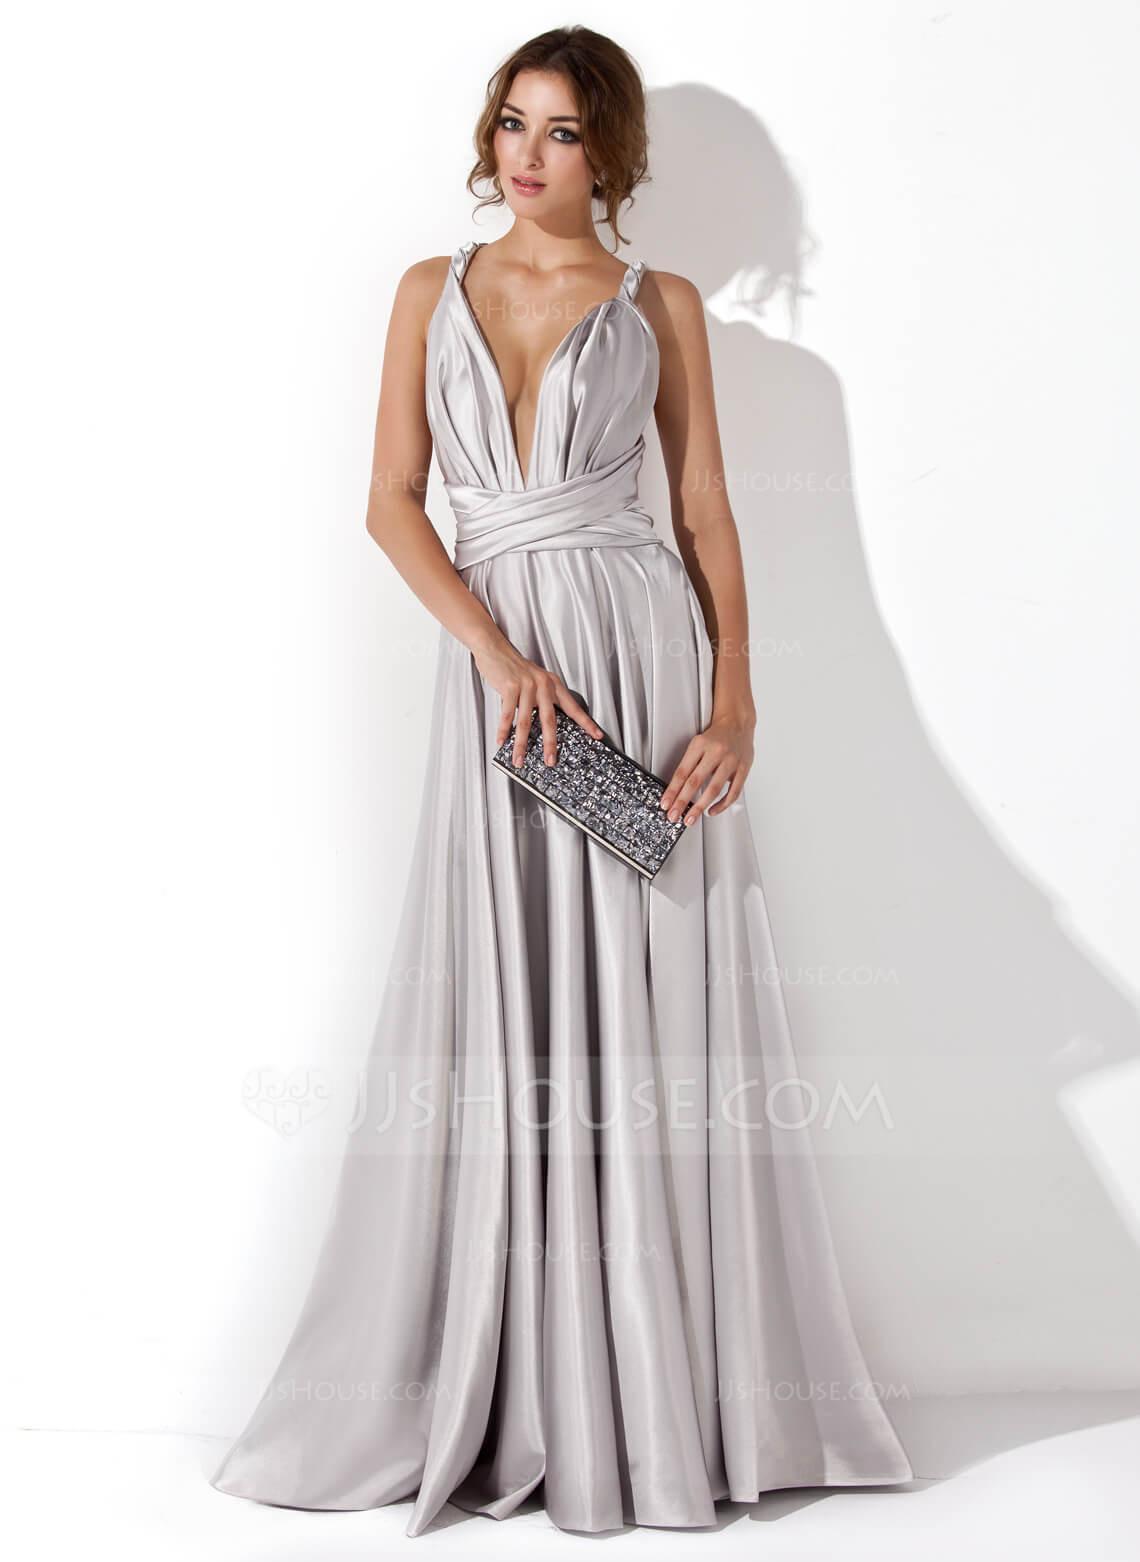 15 Schön Wo Gibt Es Abendkleider Stylish Ausgezeichnet Wo Gibt Es Abendkleider Bester Preis